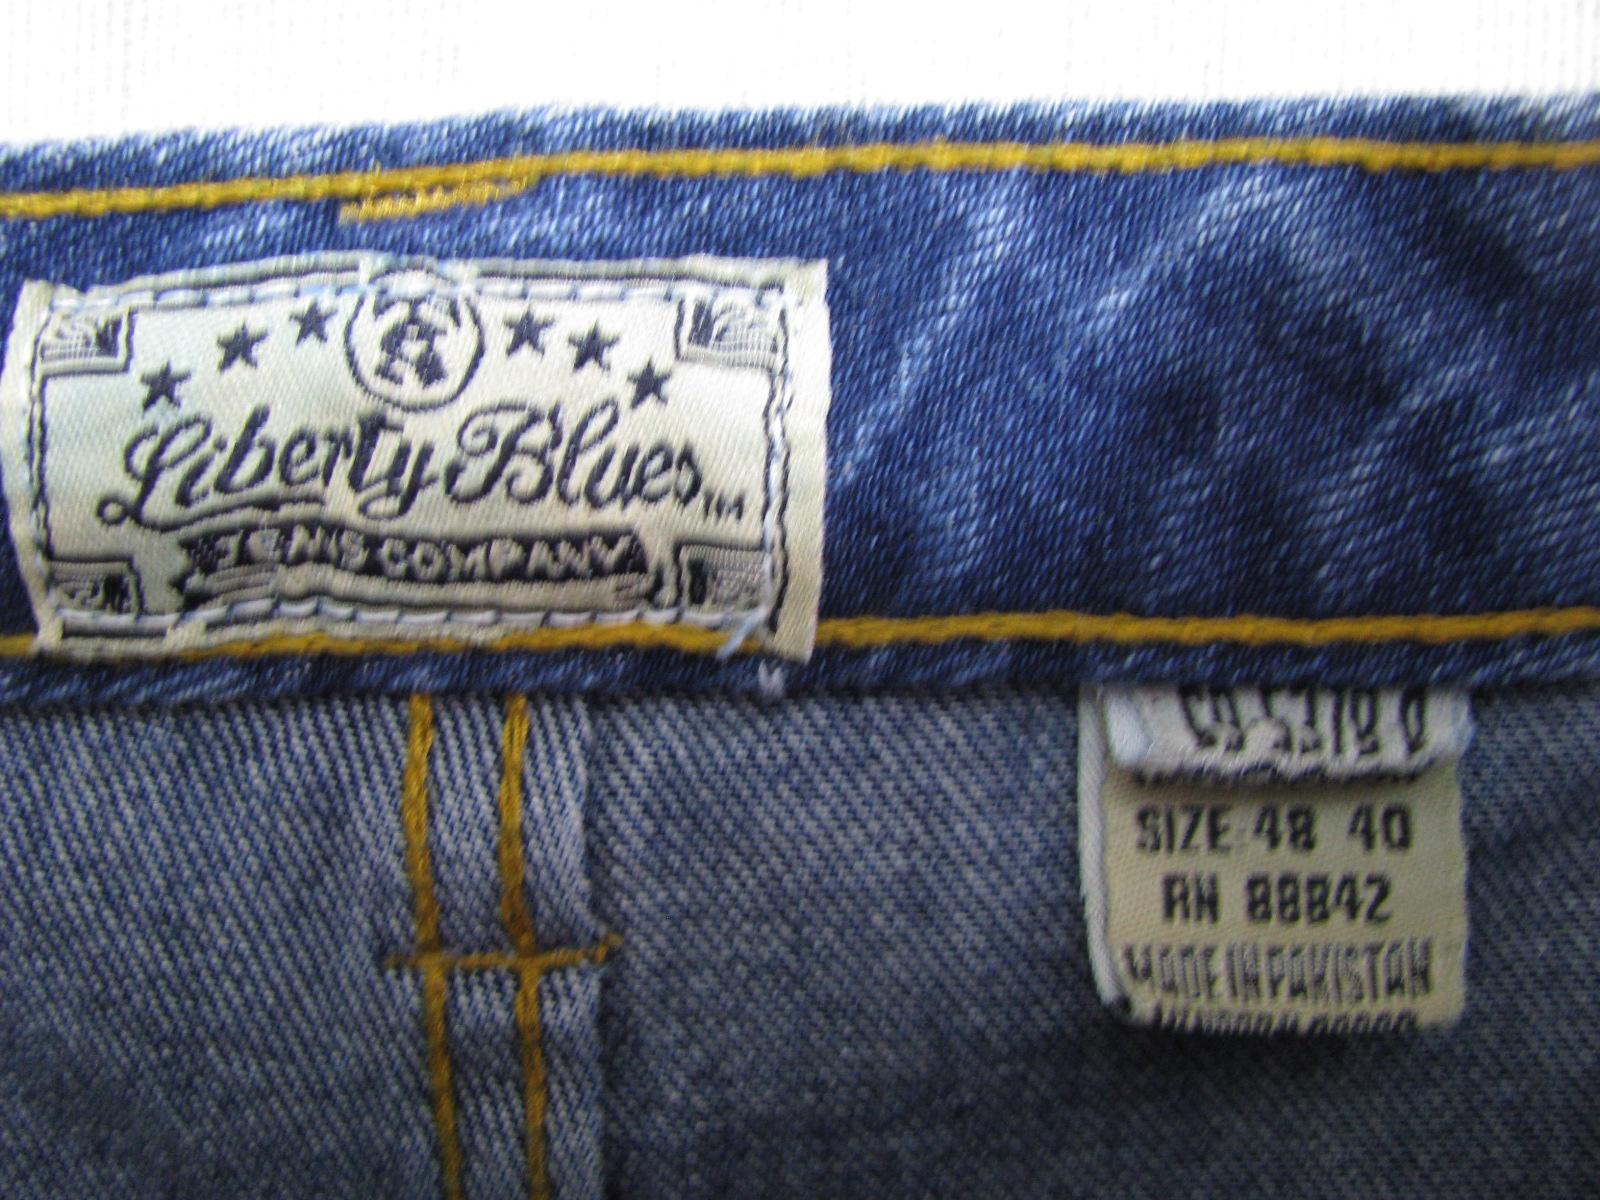 f95935c934 Pantalon jeans marime 48 LIBERTY BLUES - Haine XXXXL